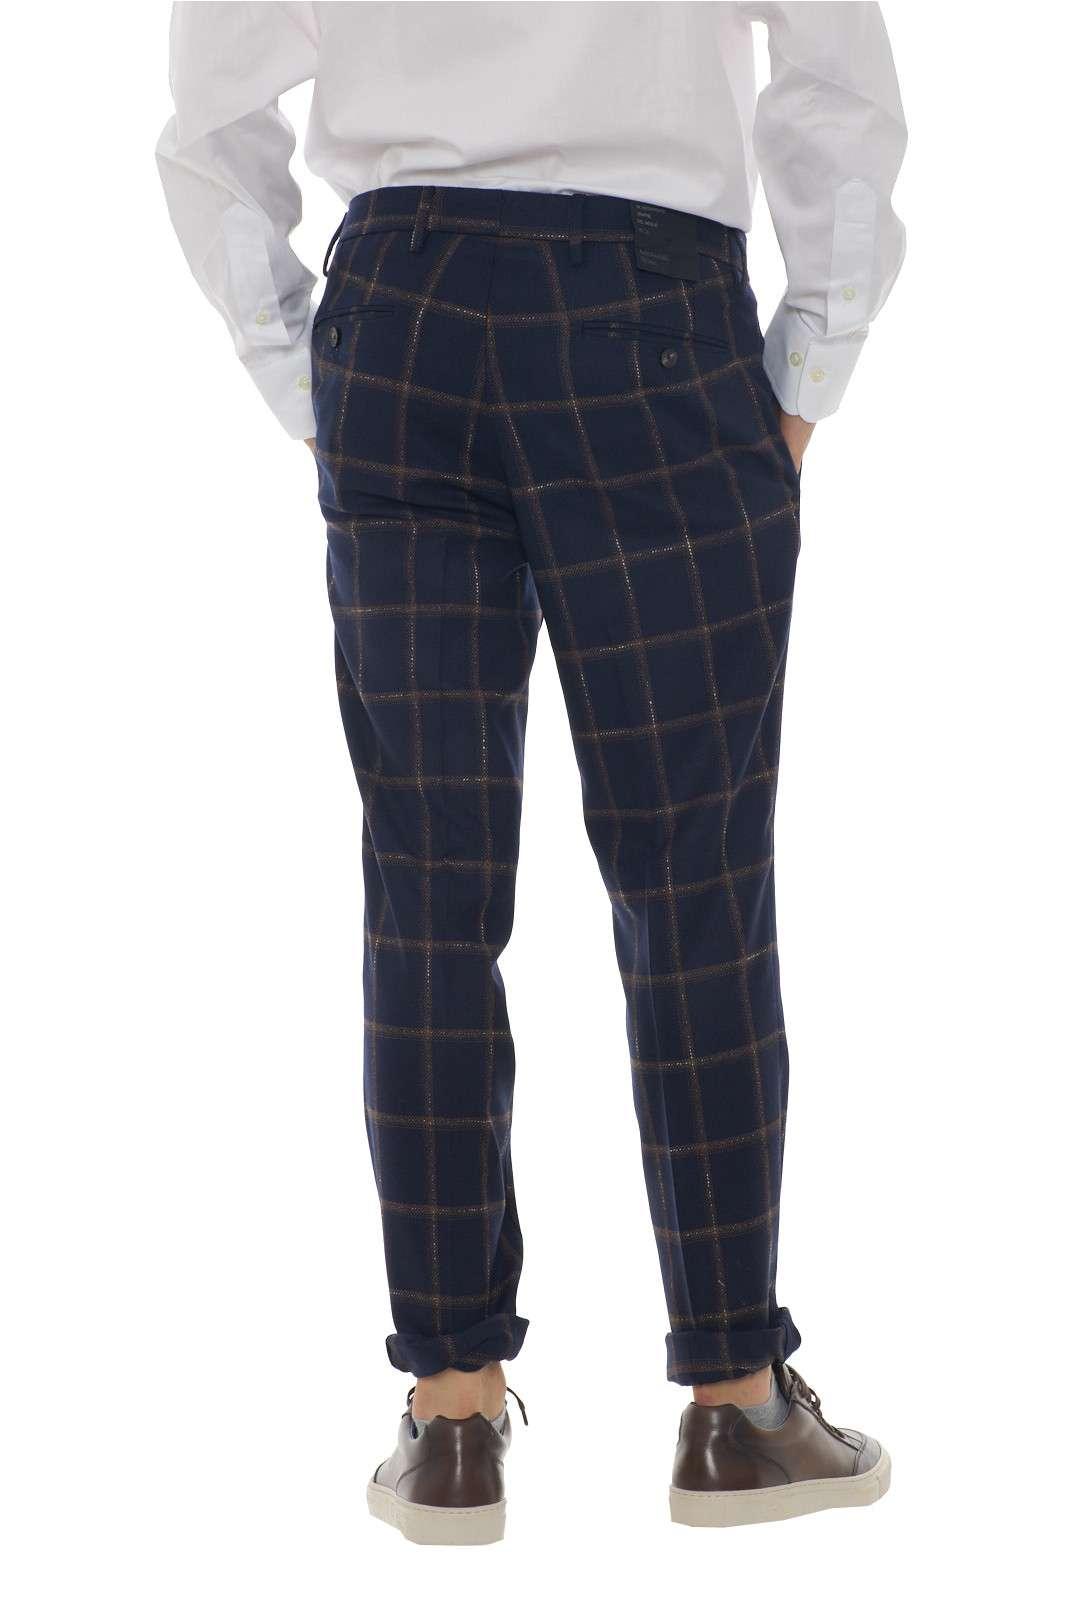 https://www.parmax.com/media/catalog/product/a/i/AI-outlet_parmax-pantaloni-donna-Michael-Coal-MCMAR3443-C.jpg